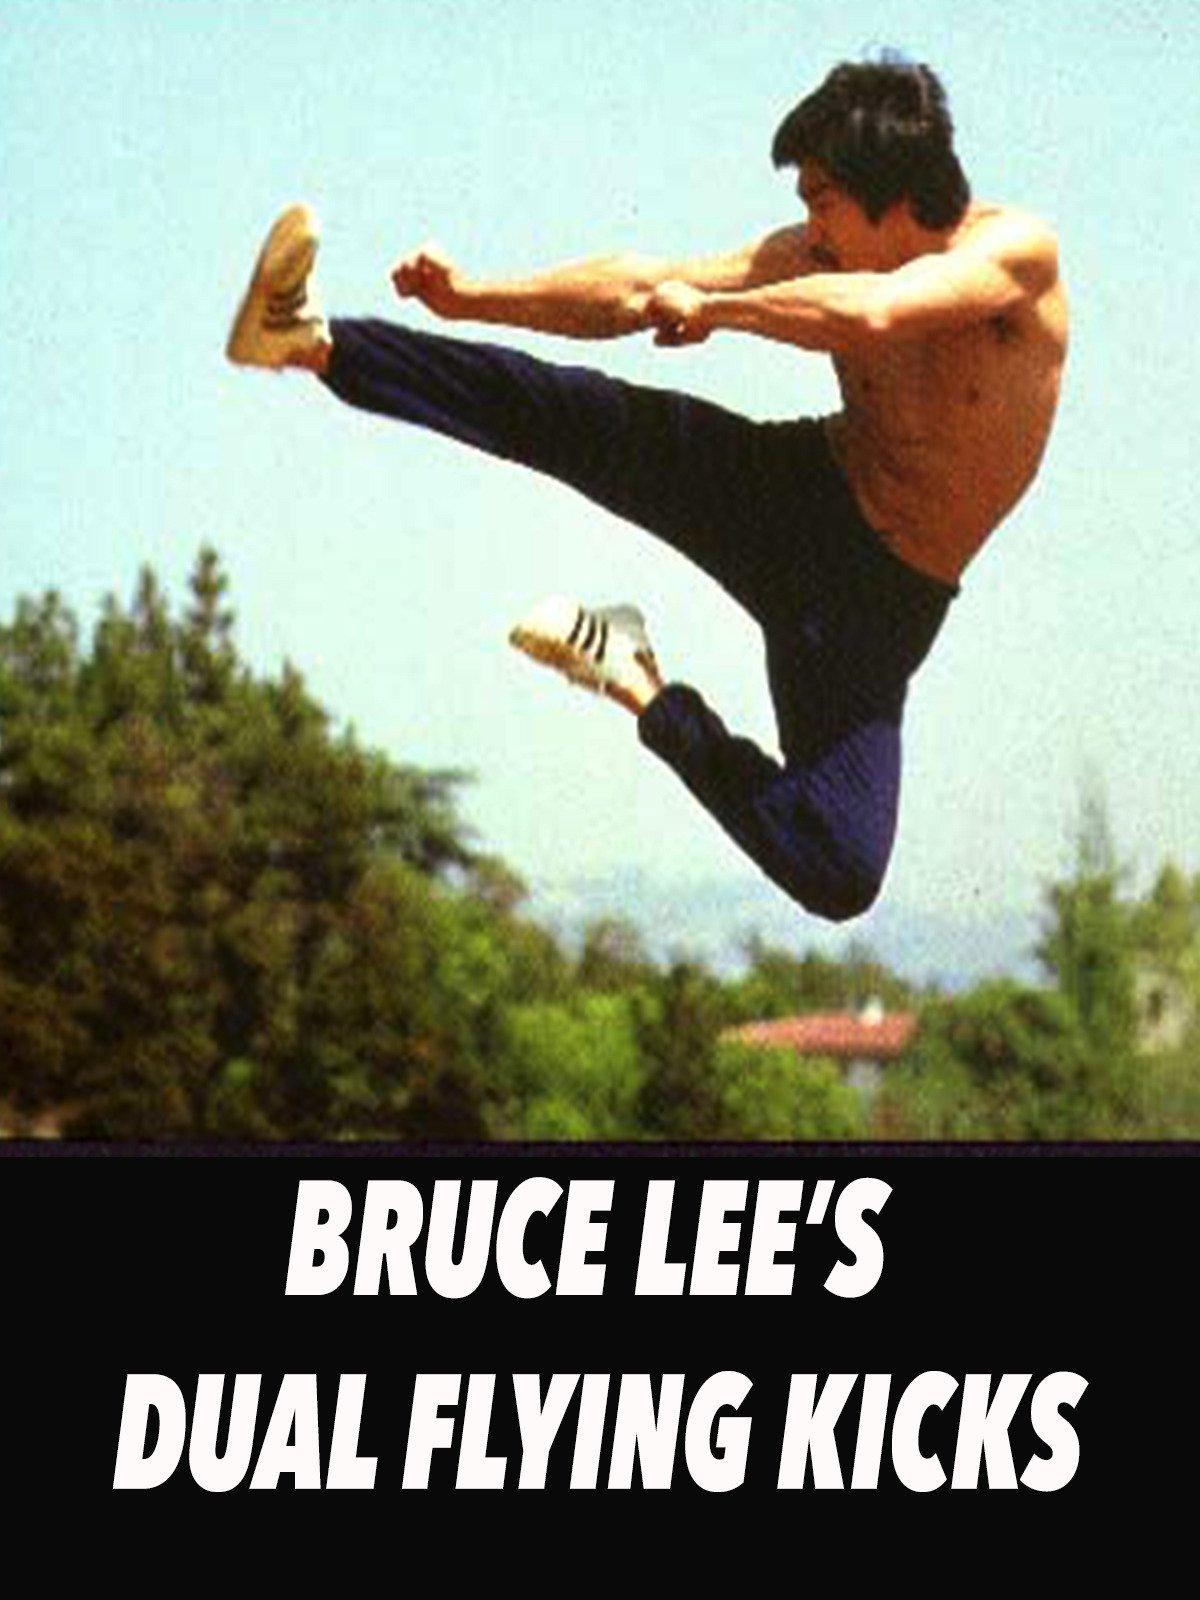 Bruce Lee's Dual Flying Kicks